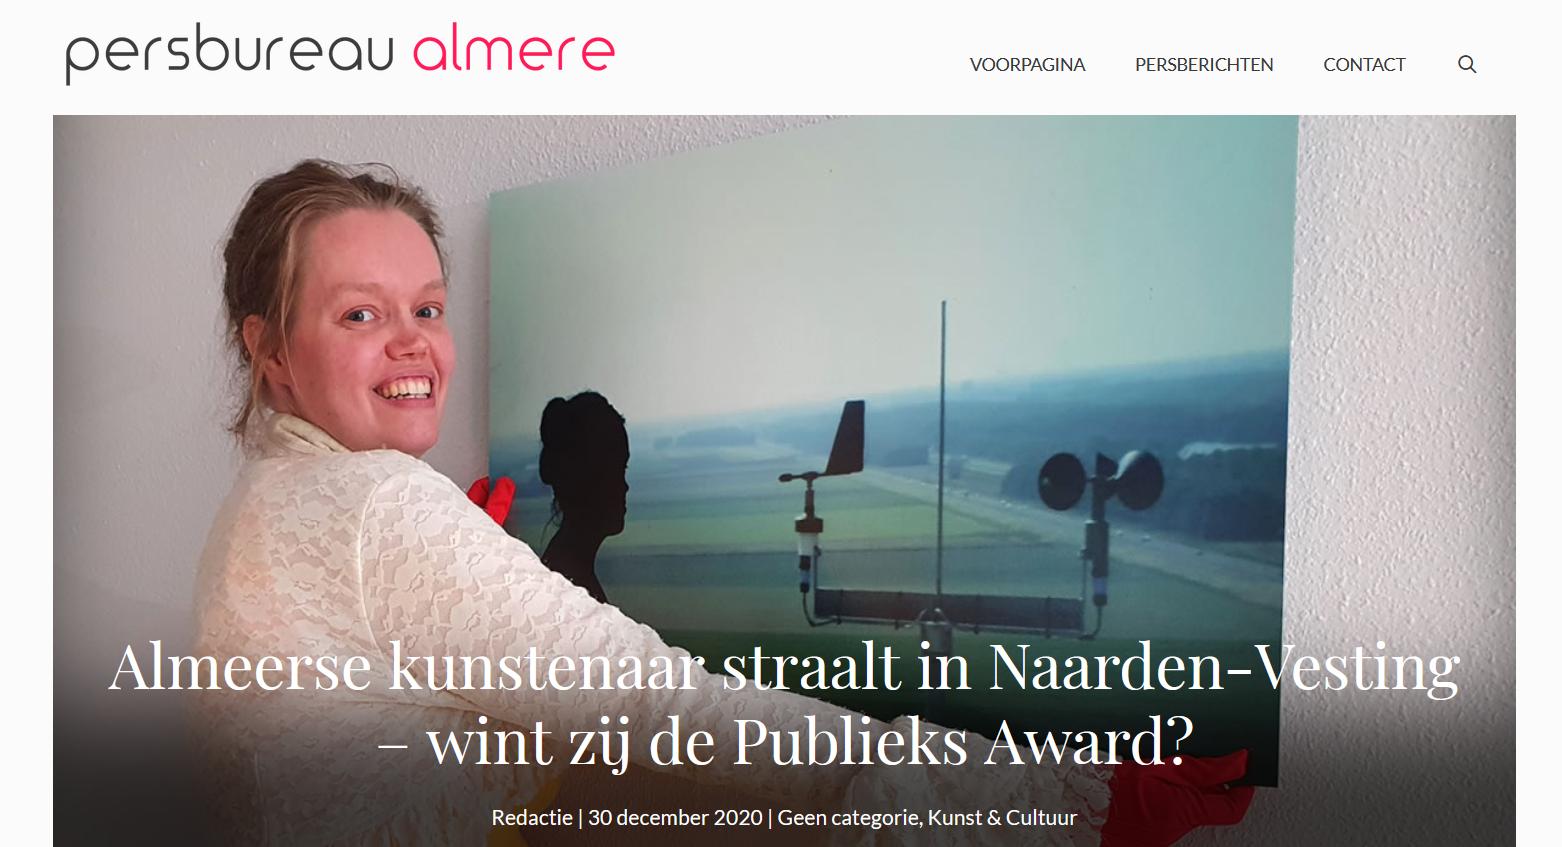 Almeerse kunstenaar straalt in Almere